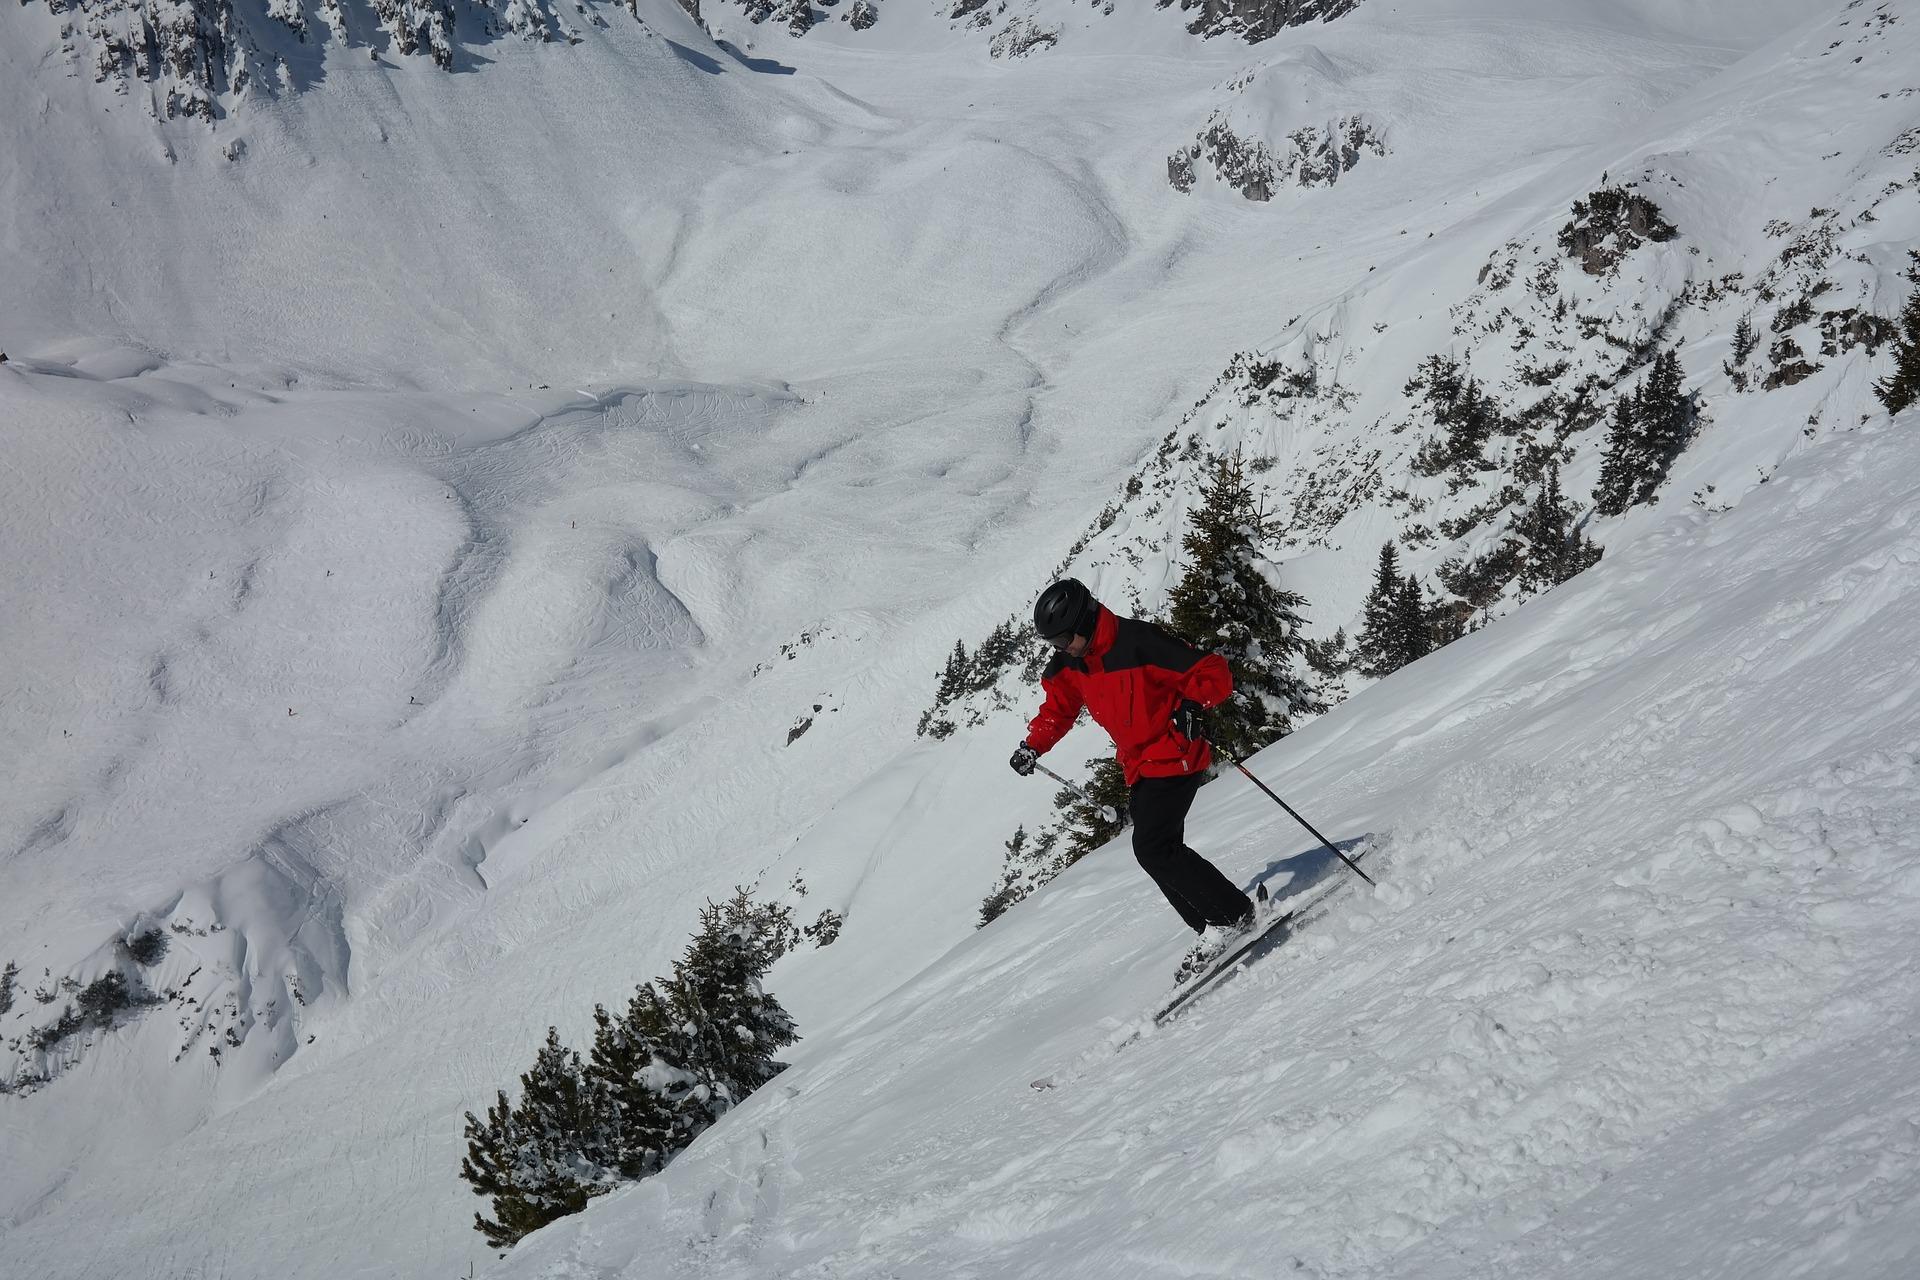 スキー場の画像